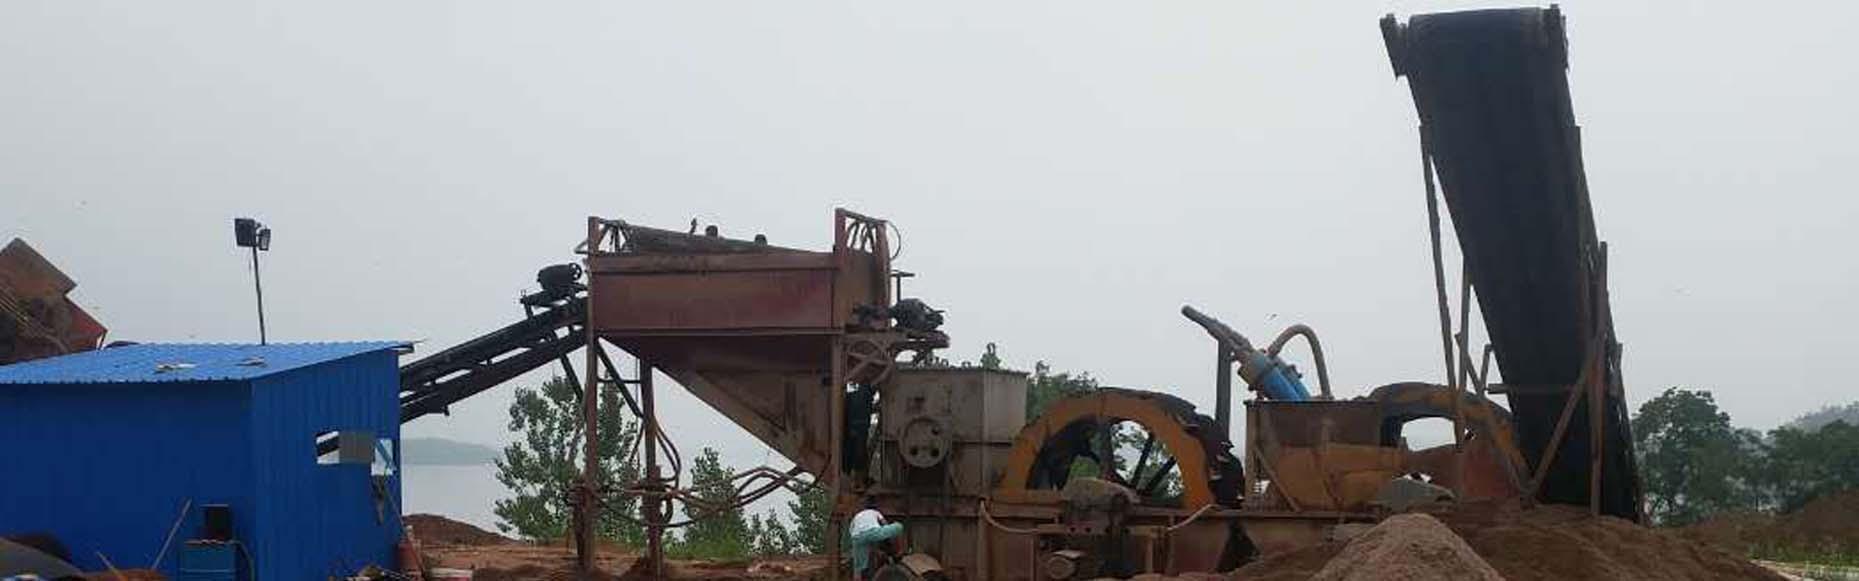 广东惠州河沙水洗一体机生产线